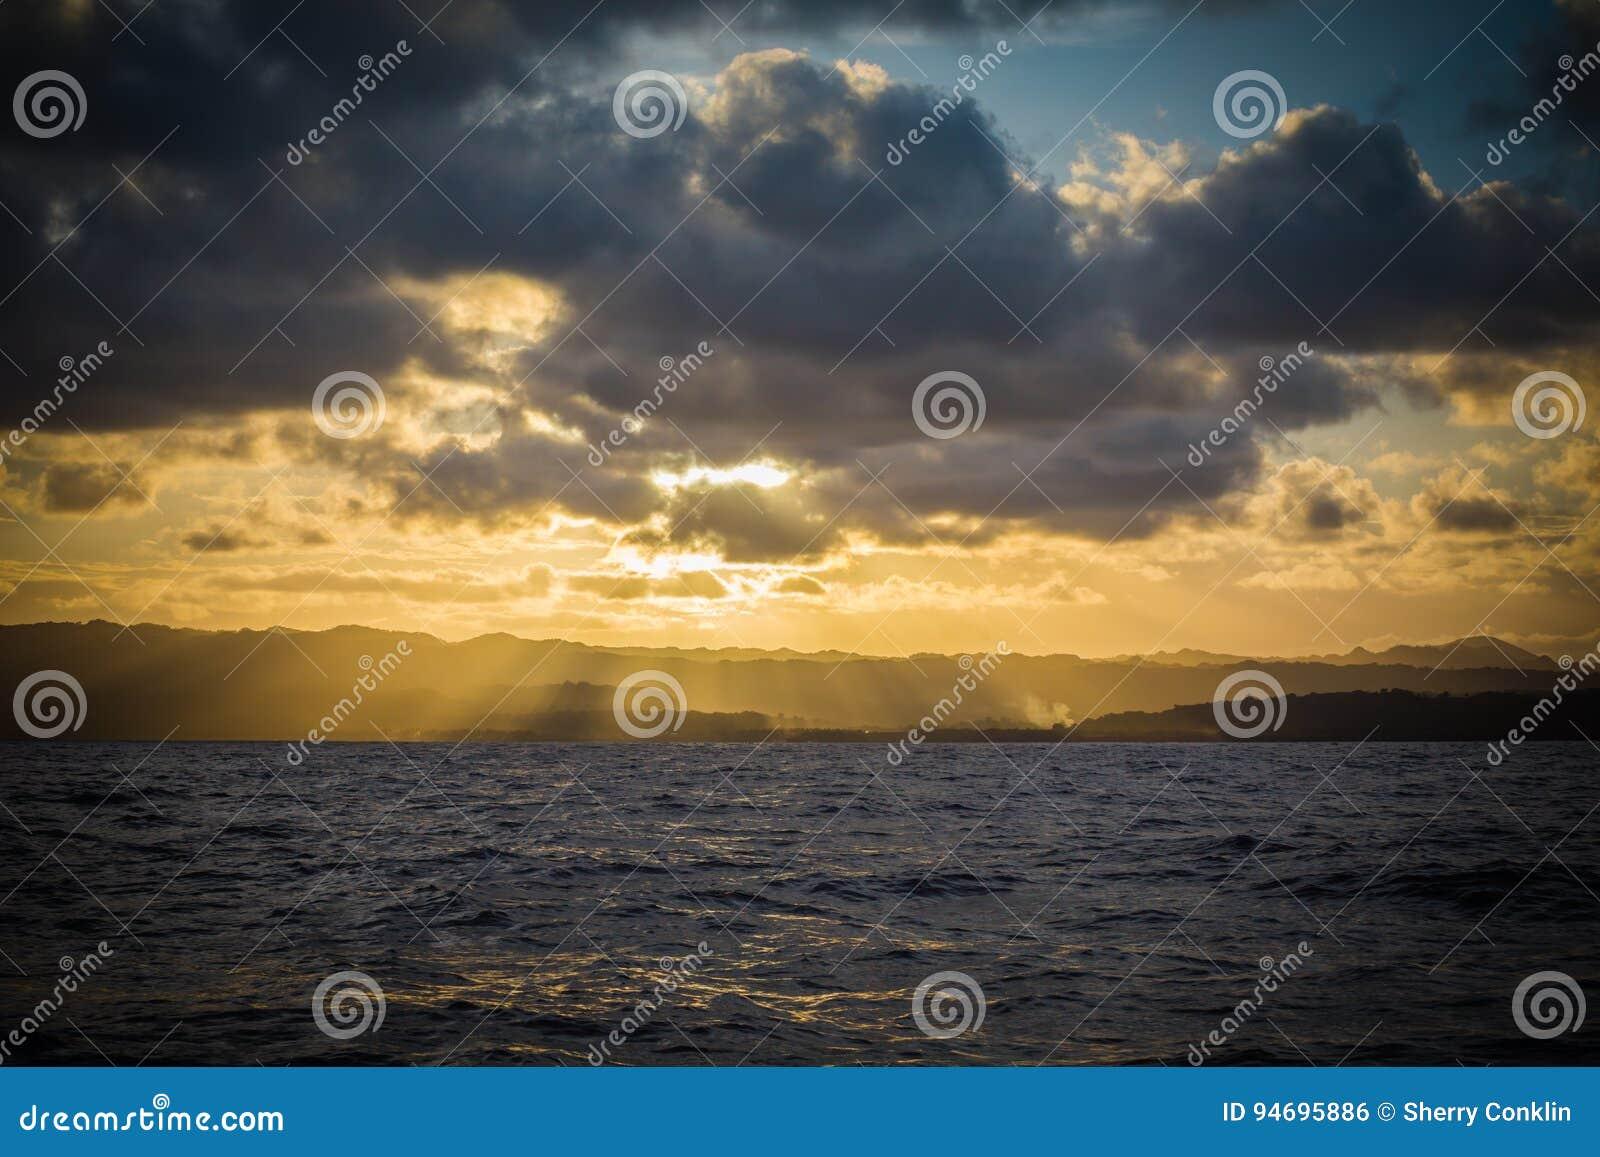 Soluppsättning över öberg från havet